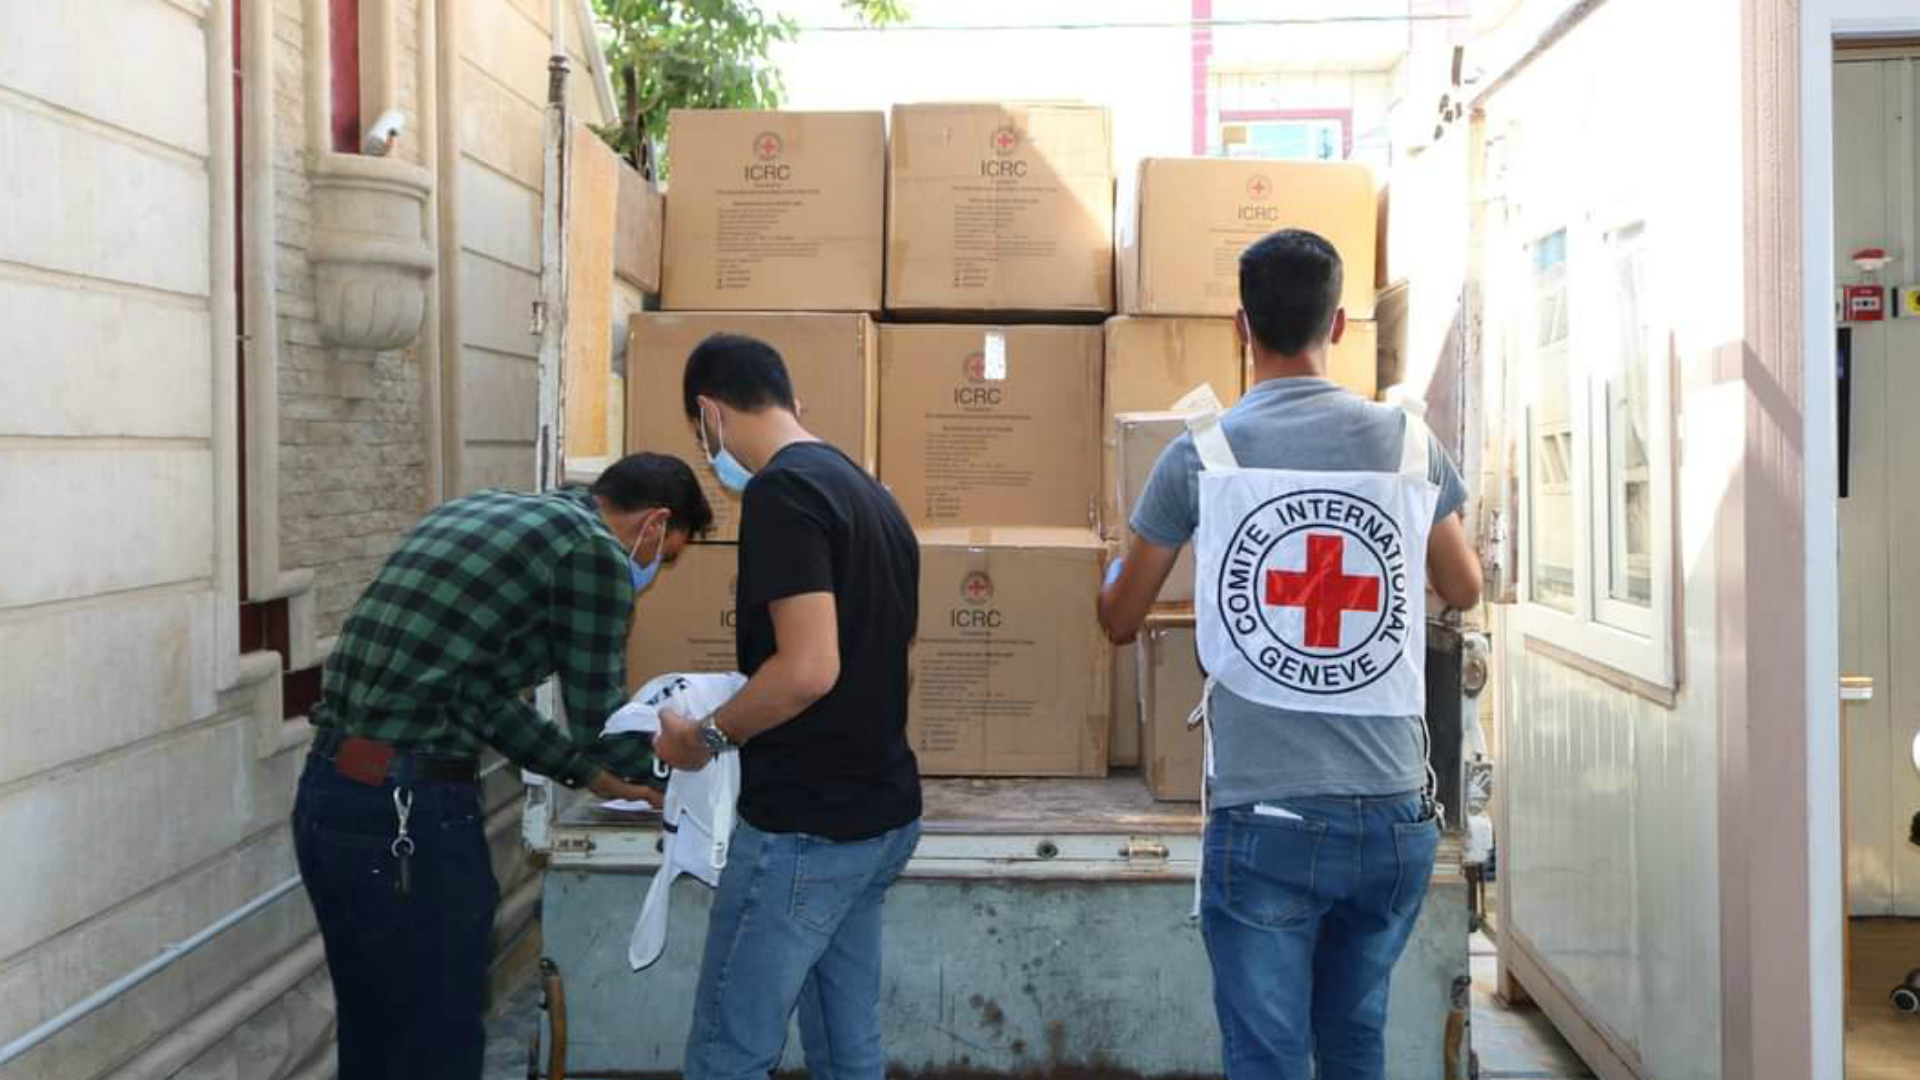 الصليب الأحمر يقدم منح مالية ومساعدت للنازحين العائدين في صلاح الدين